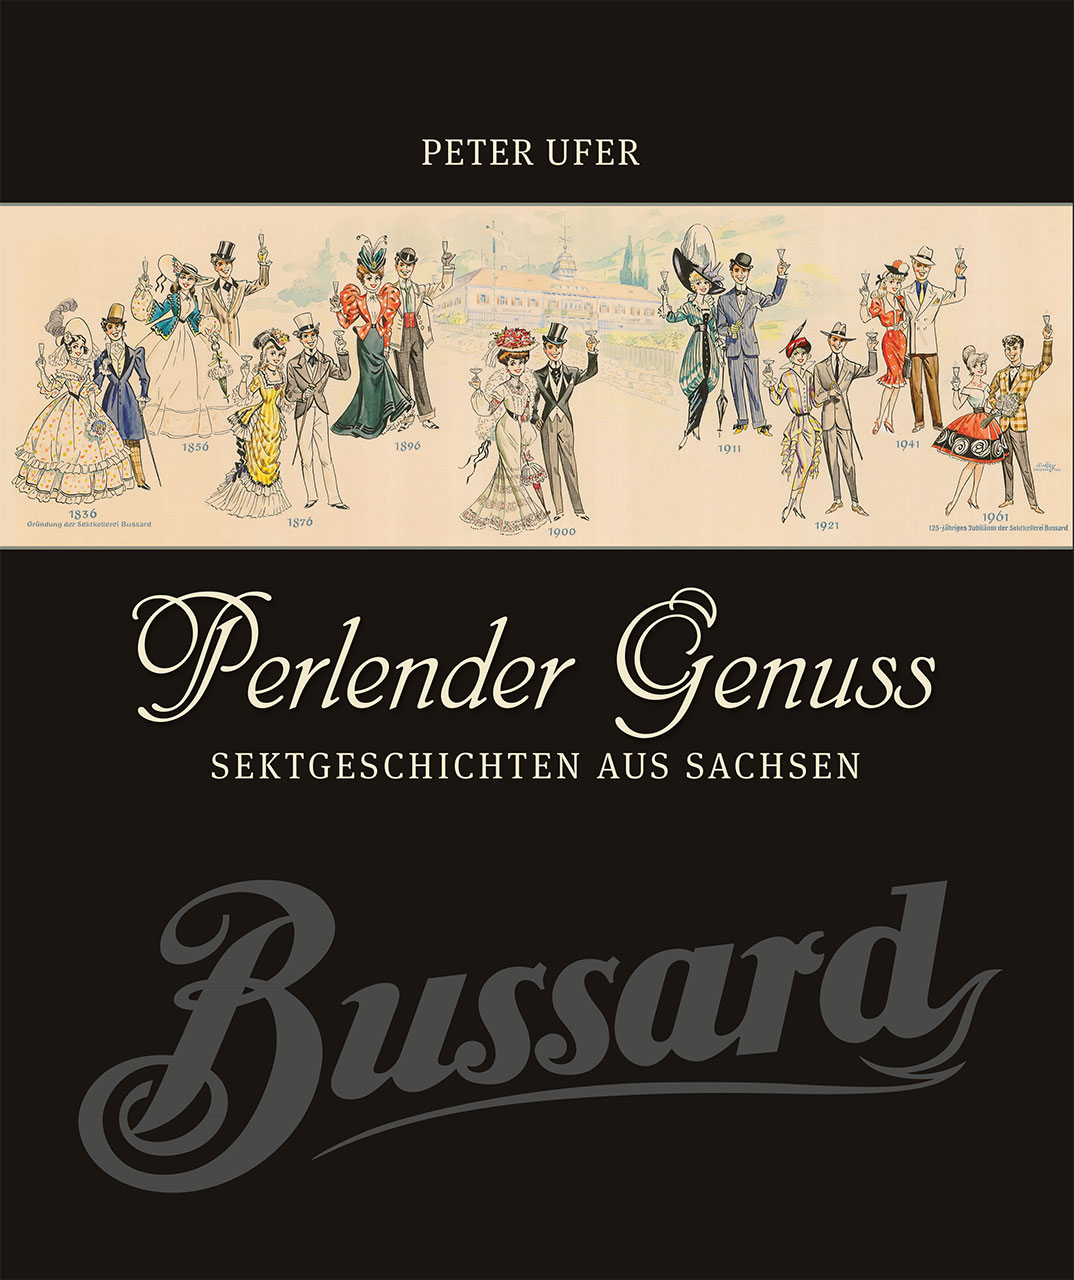 Perlender Genuss – Sektgeschichten aus Sachsen